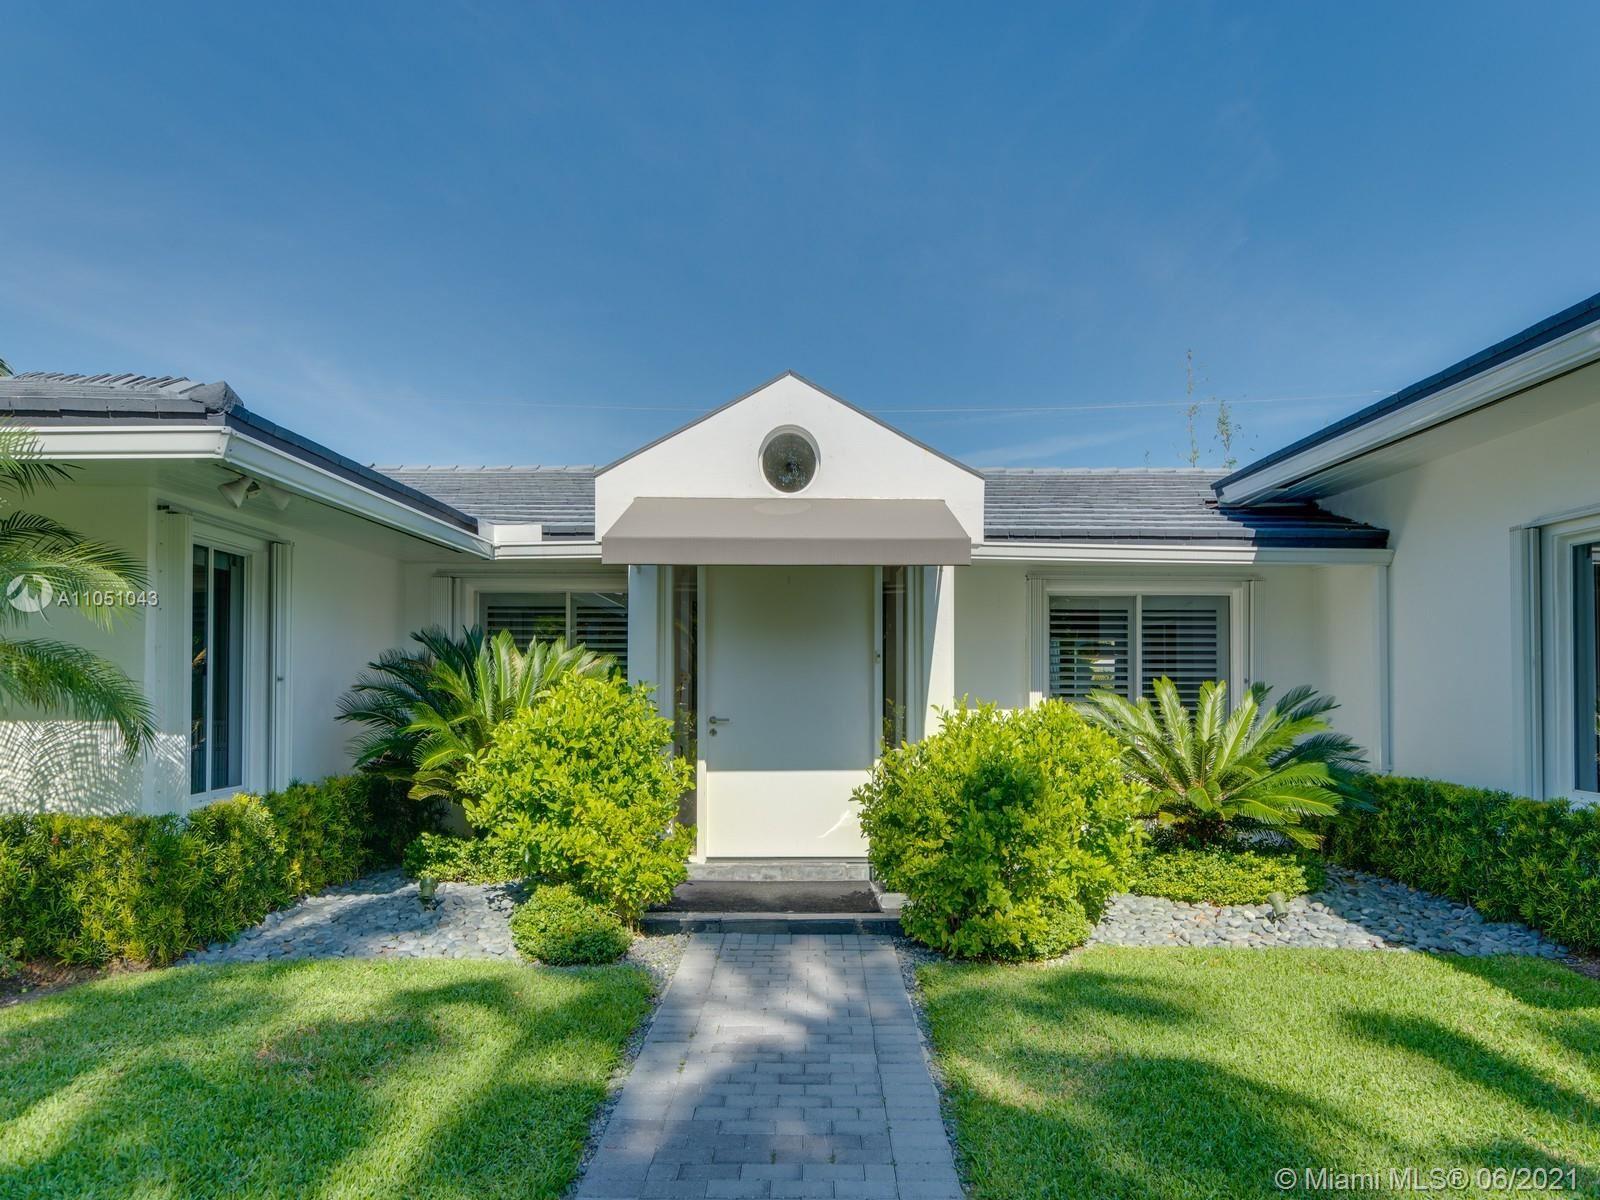 181 ISLAND DR, Key Biscayne, FL 33149 - #: A11051043